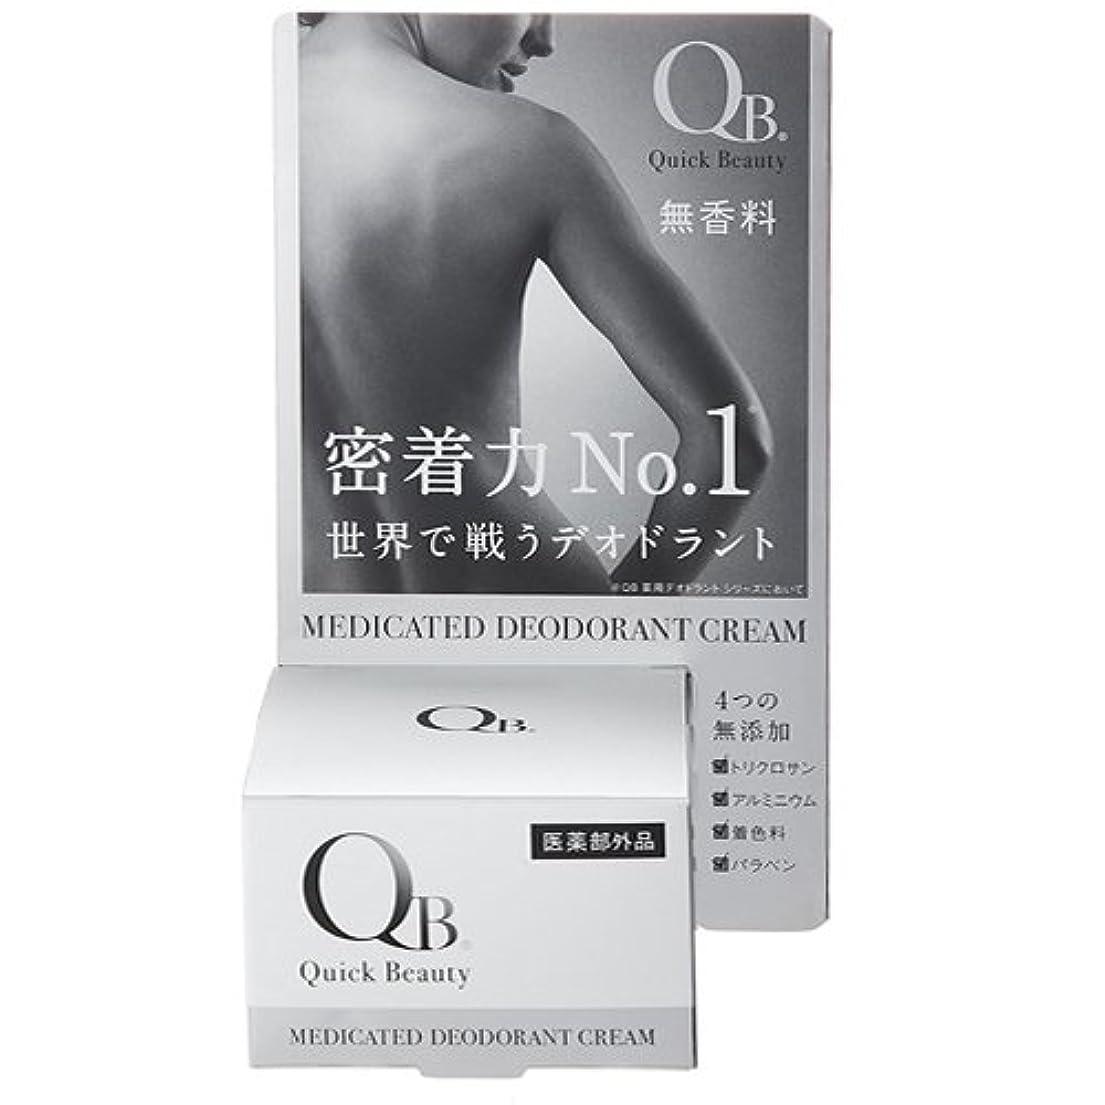 必需品ハード確認してください3個セット まとめ買い QB 薬用デオドラントクリーム W 30g 医薬部外品